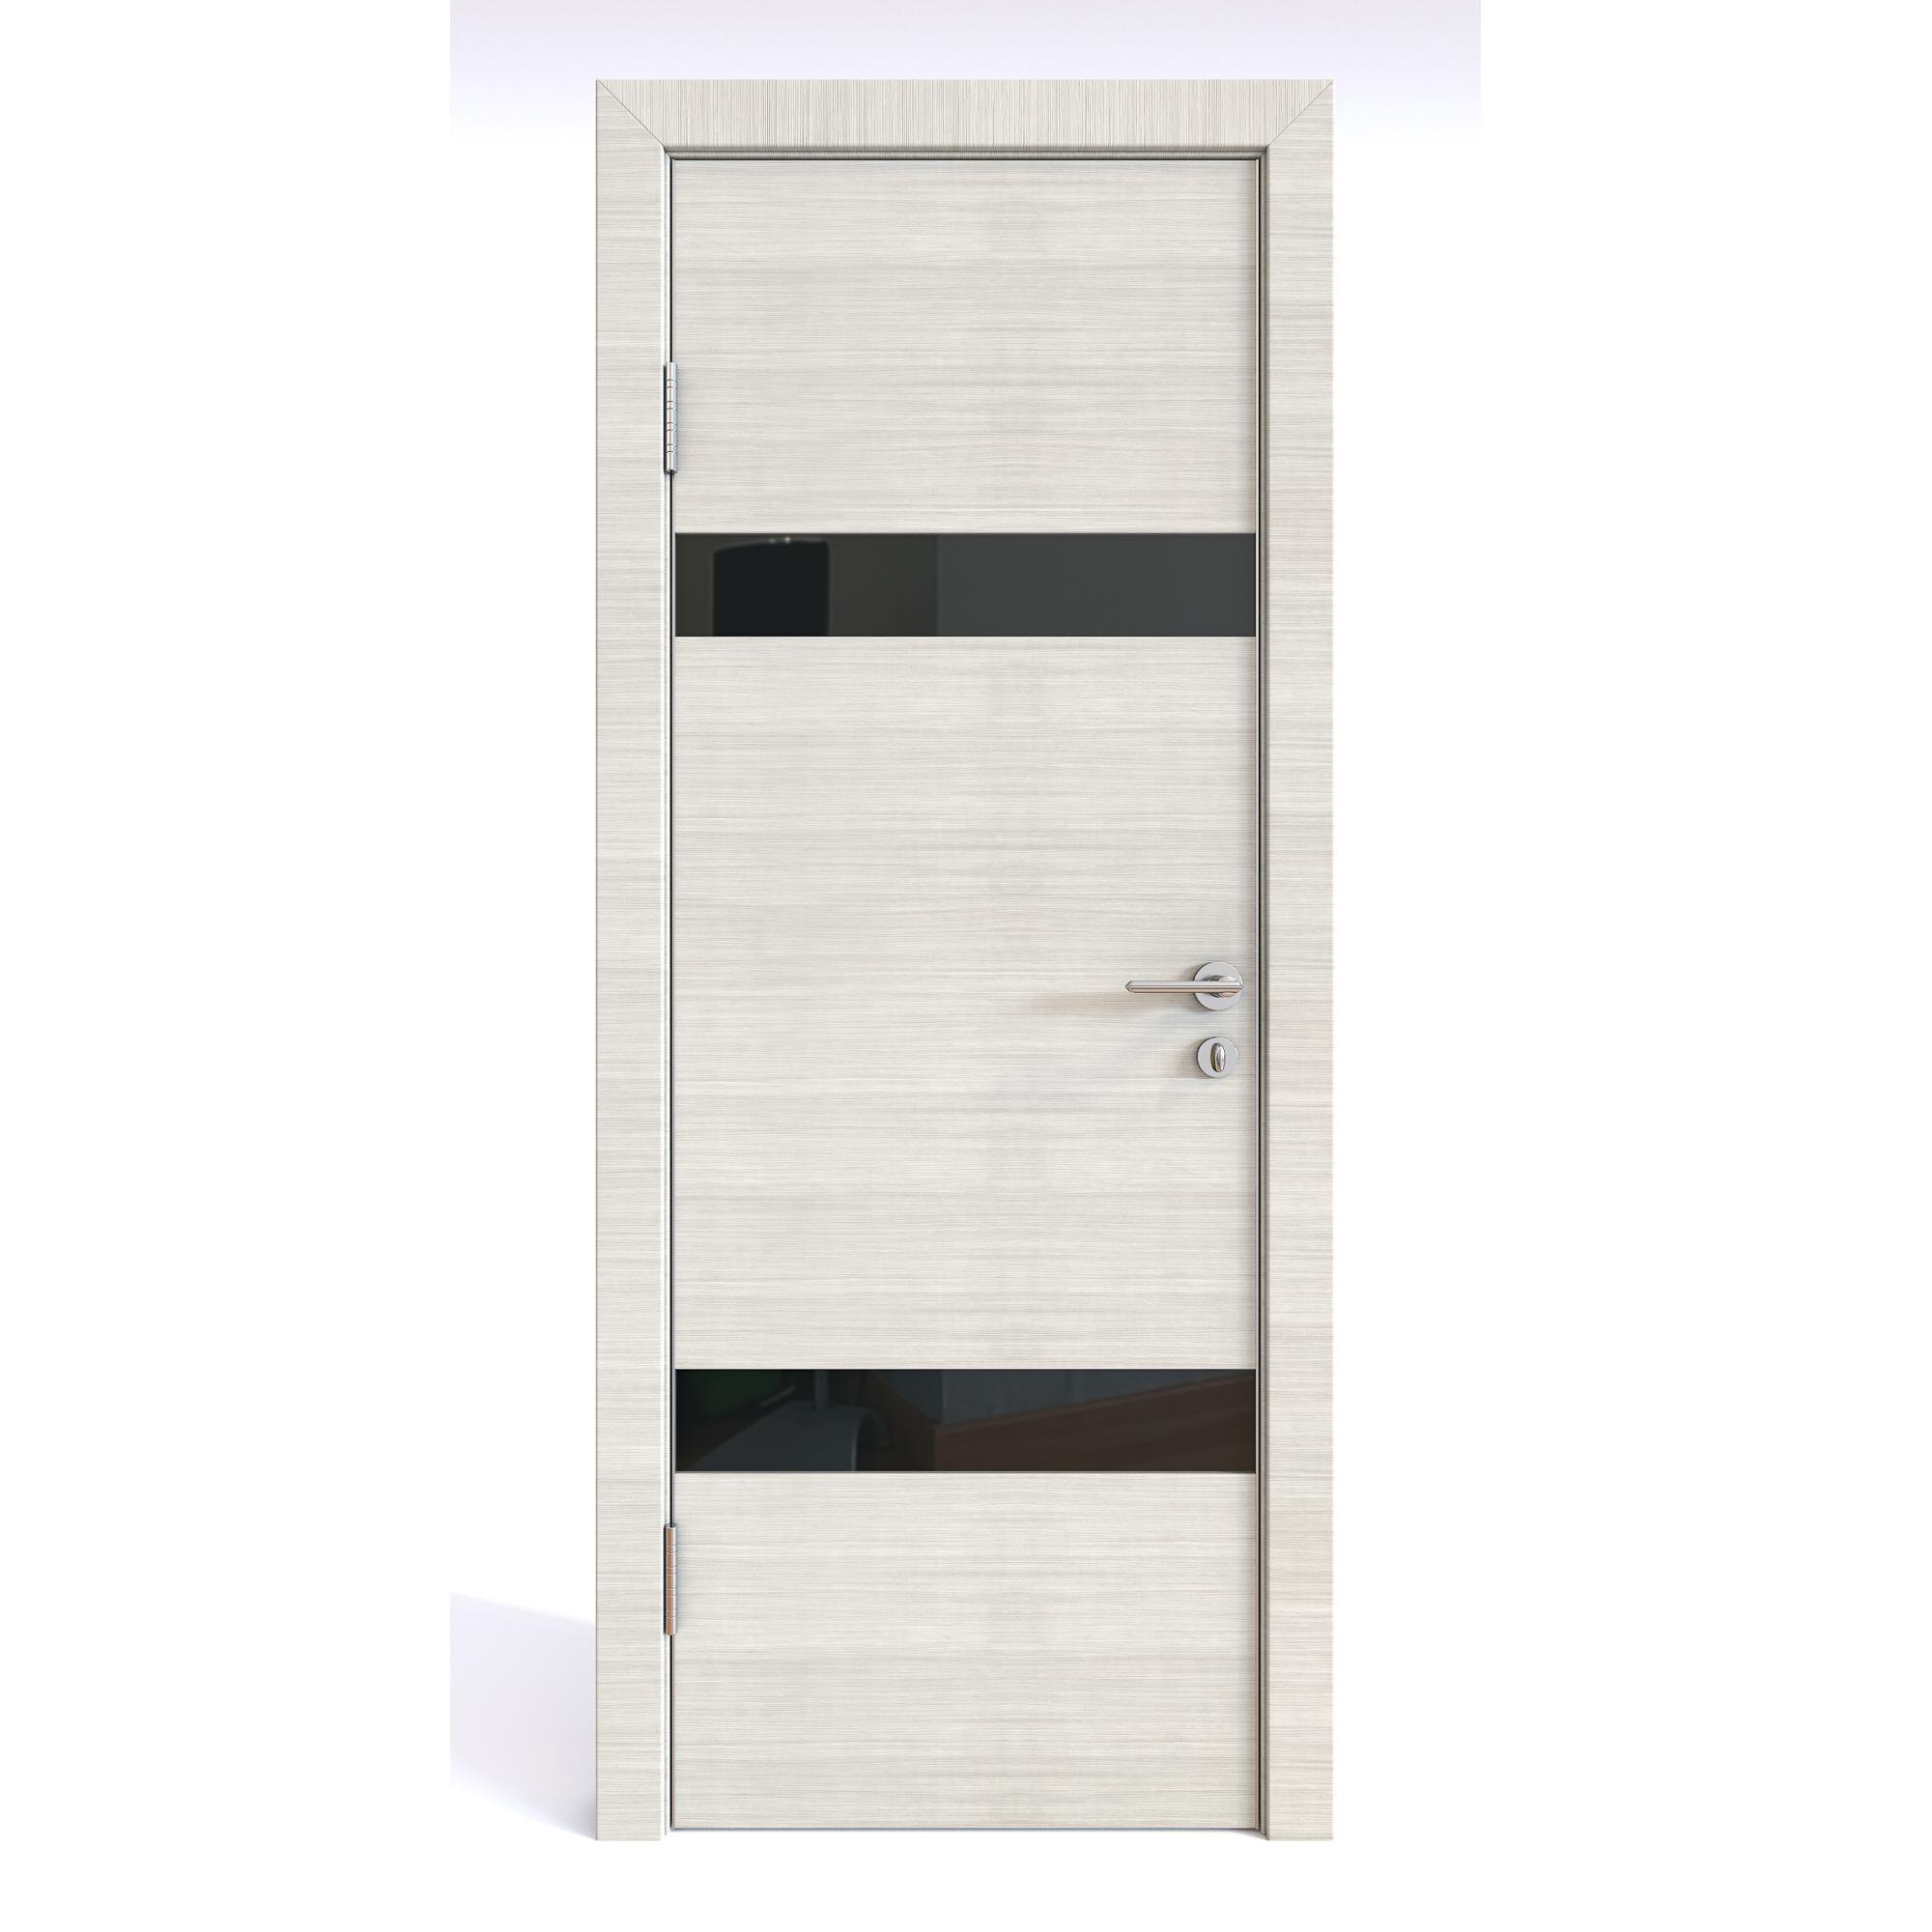 Межкомнатная шумоизоляционная дверь ДО-602 Ива светлая/черное 200х70 фото